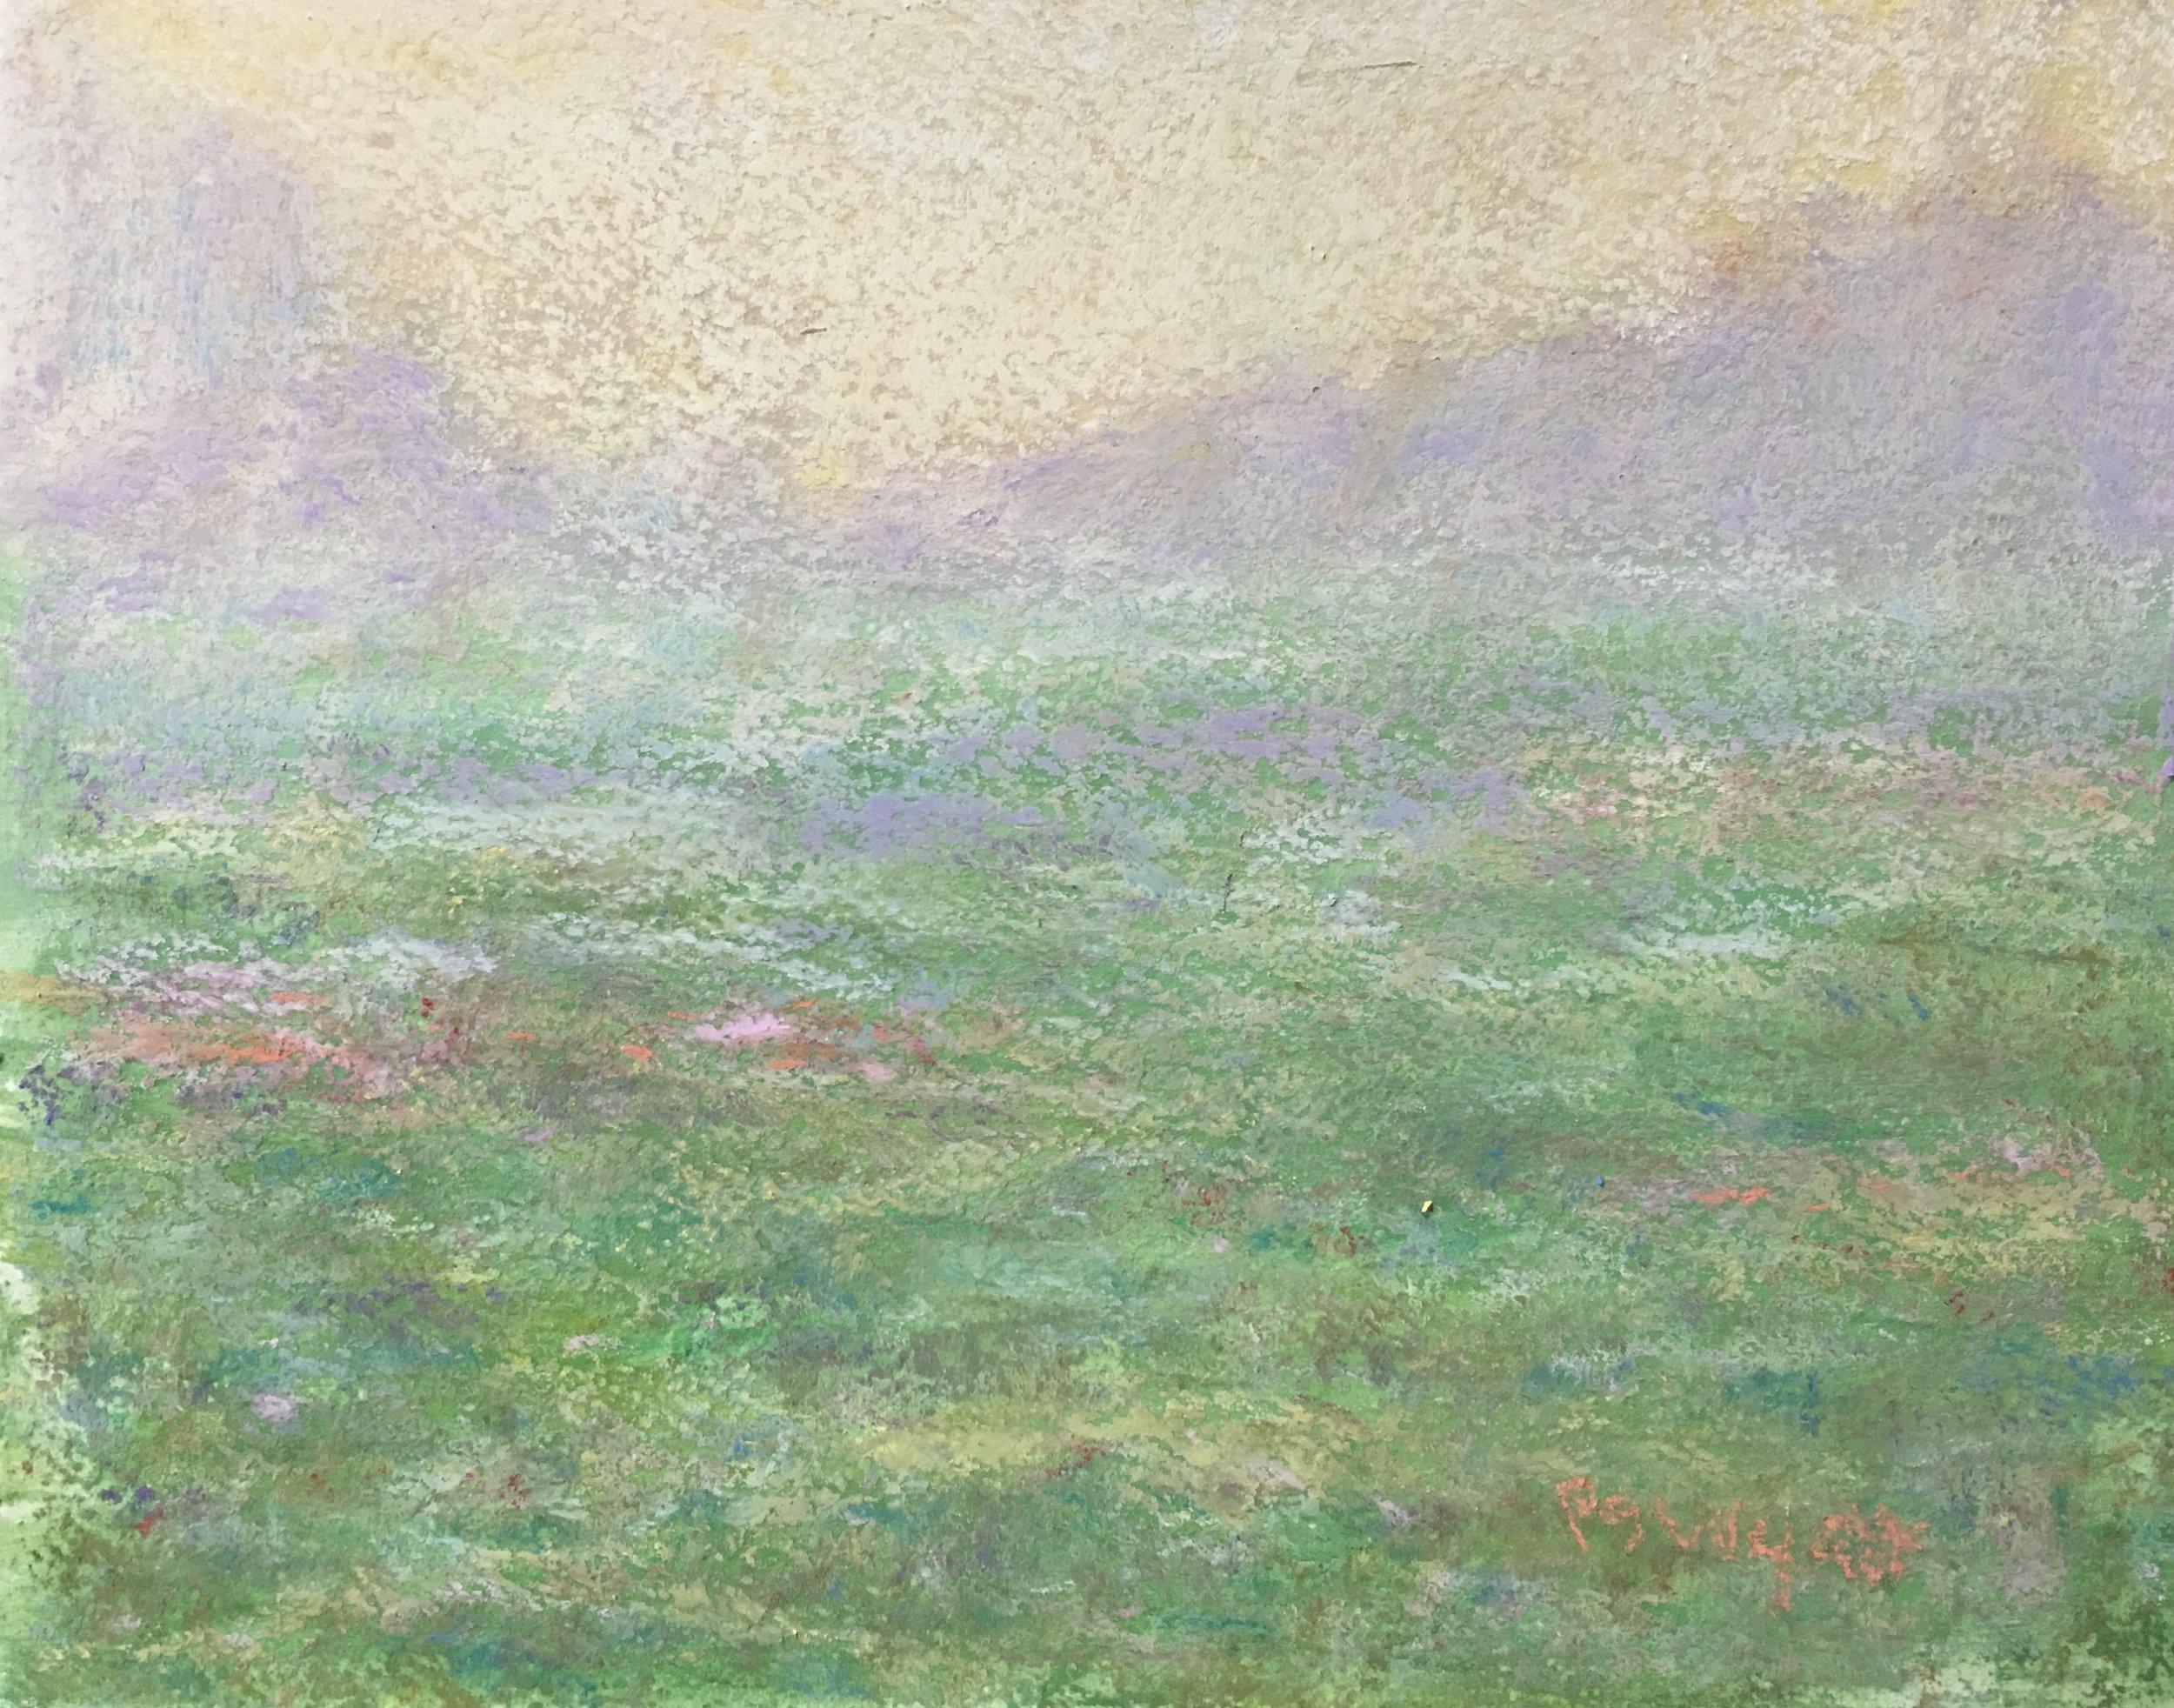 Spring Morning Mist